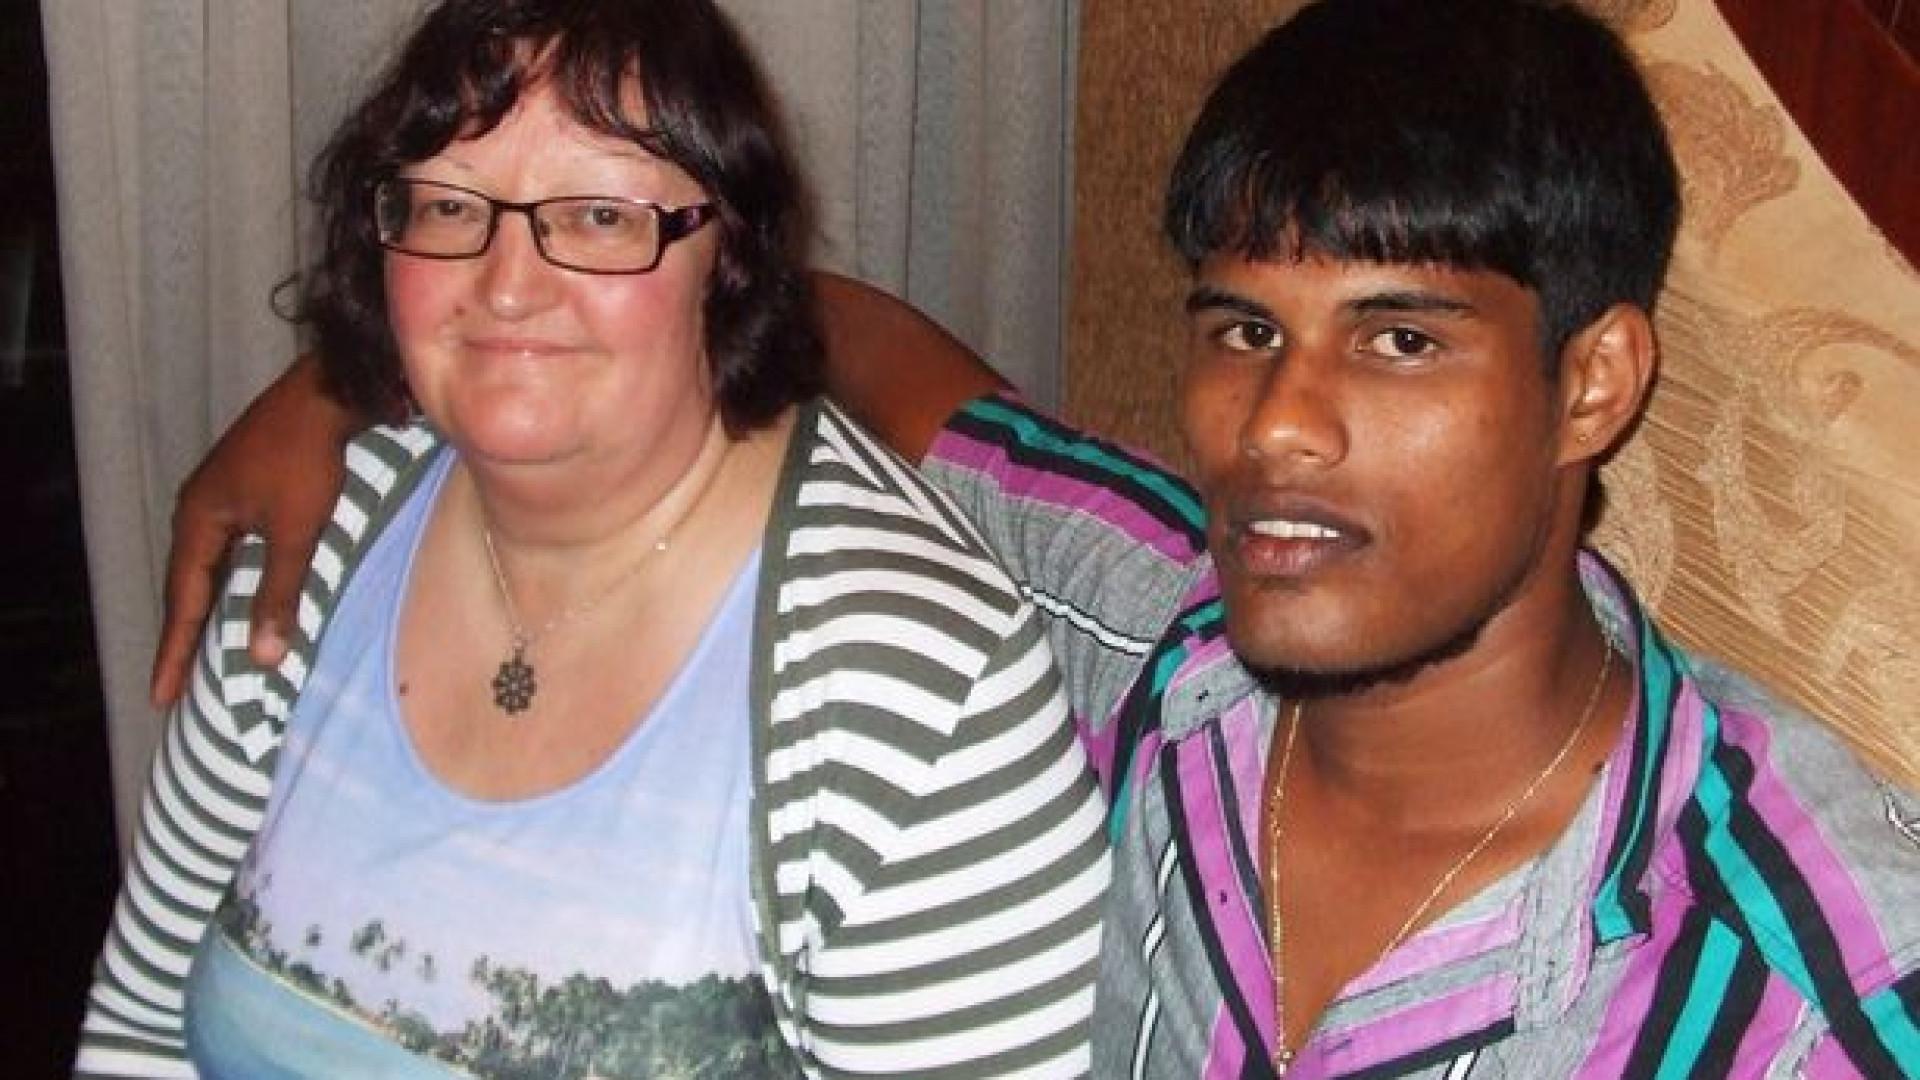 Mulher diz-se falida depois de investir dinheiro em namorado de 26 anos